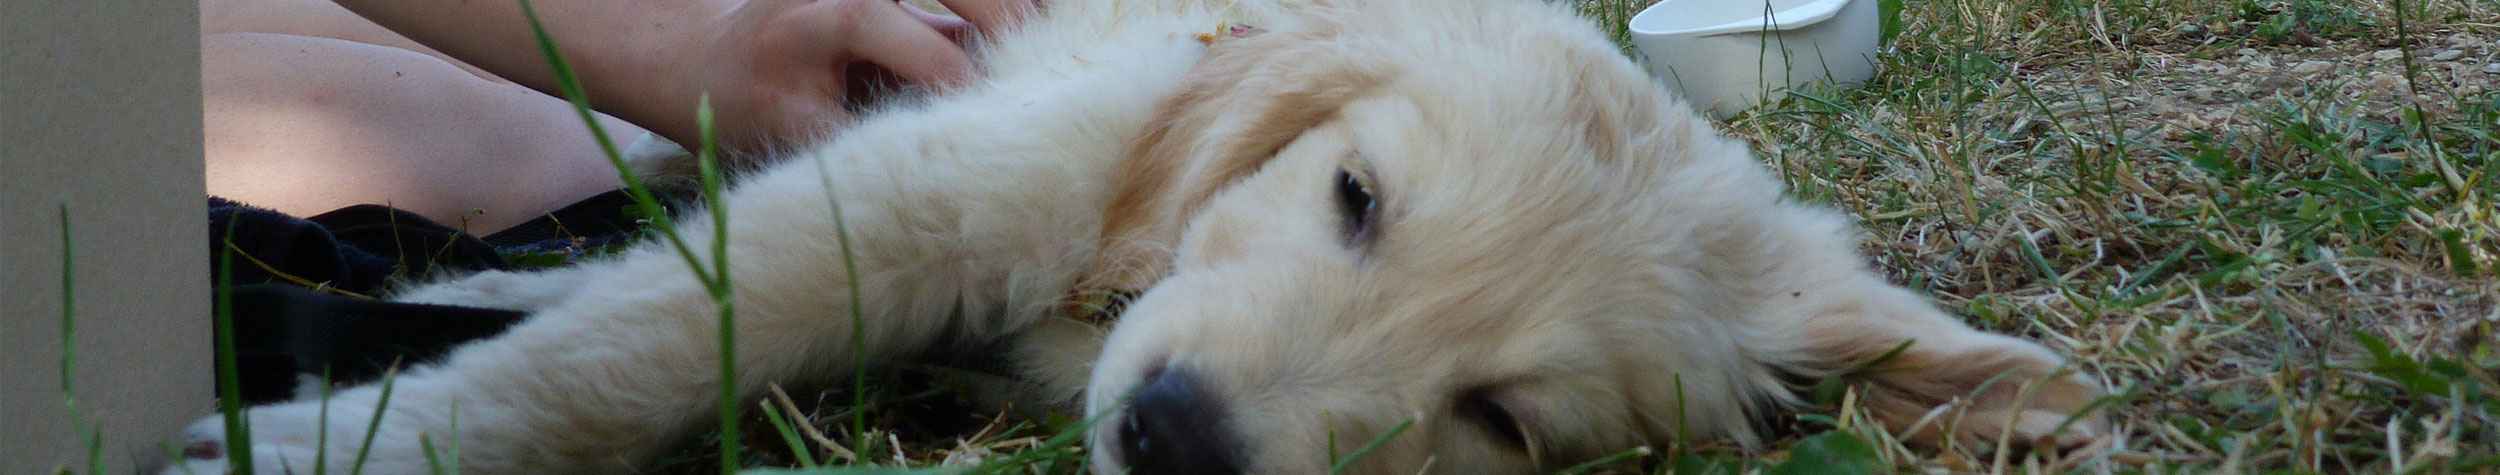 Séance chiot à la clinique vétérinaire de Bar-sur-Seine